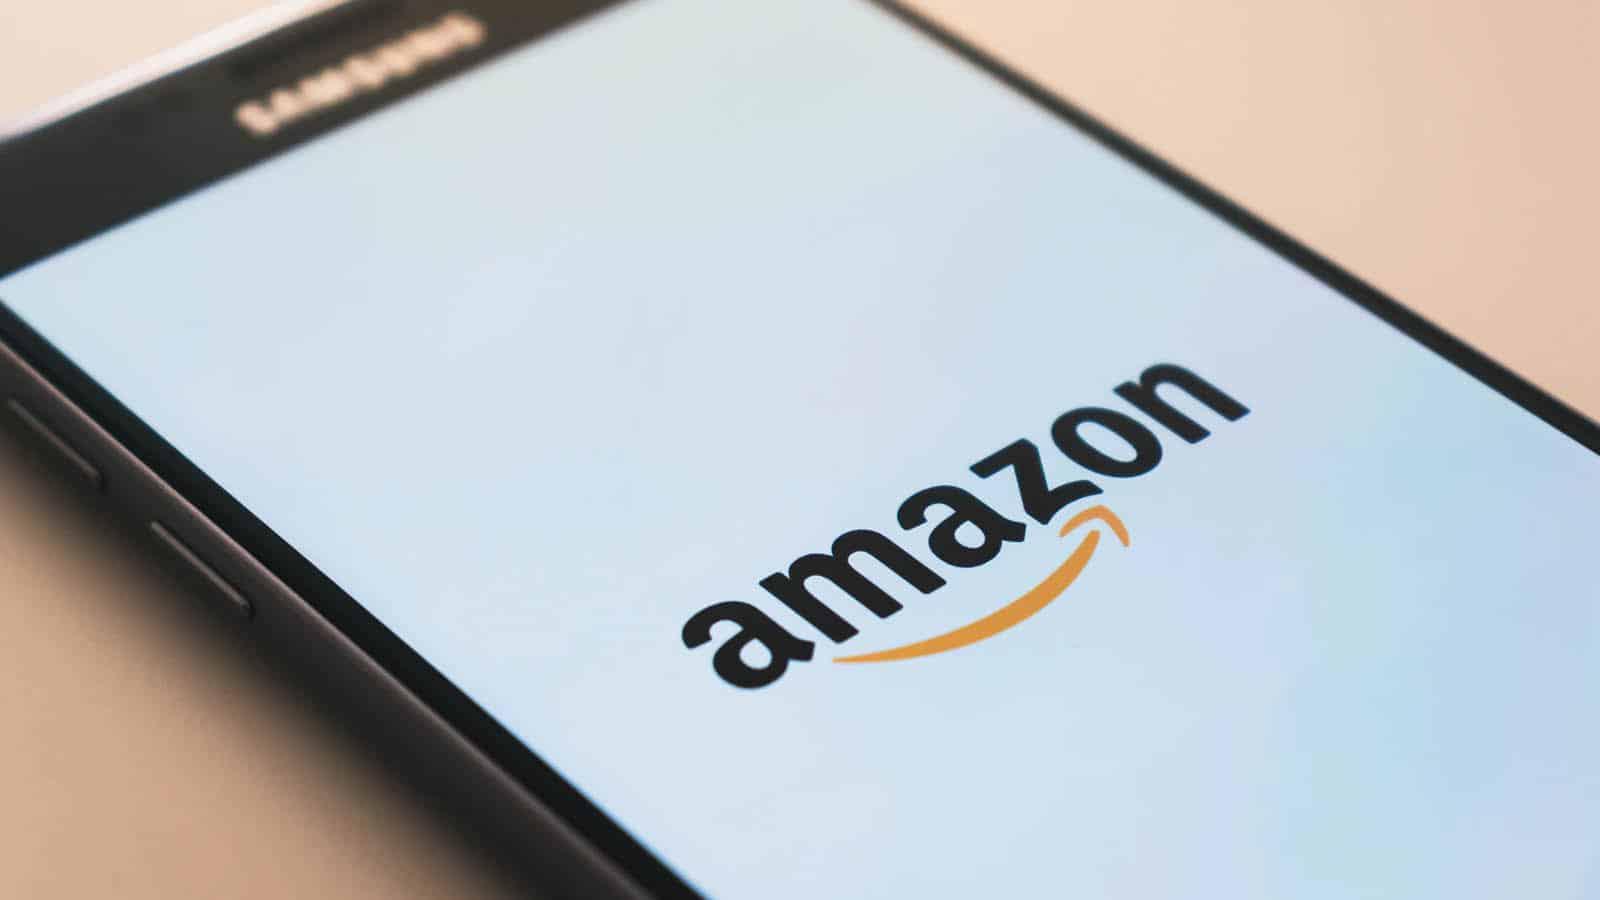 amazon on smartphone